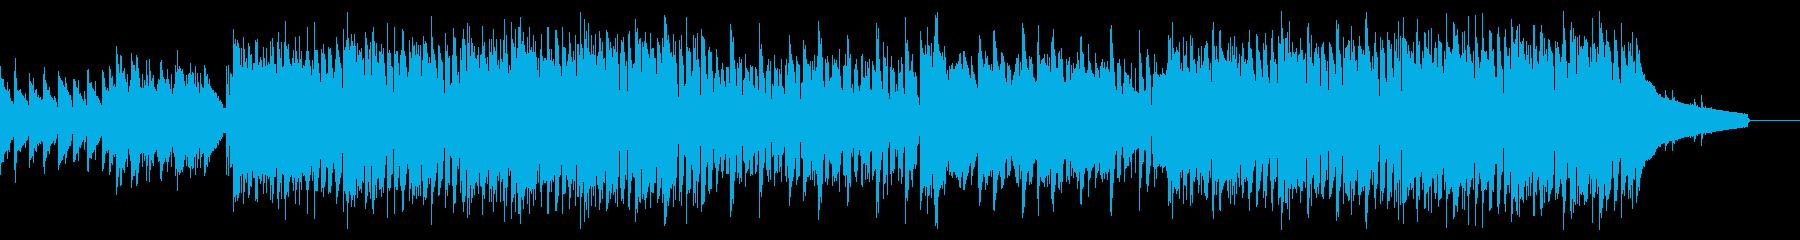 エモいコード進行のアンニュイEDMロックの再生済みの波形